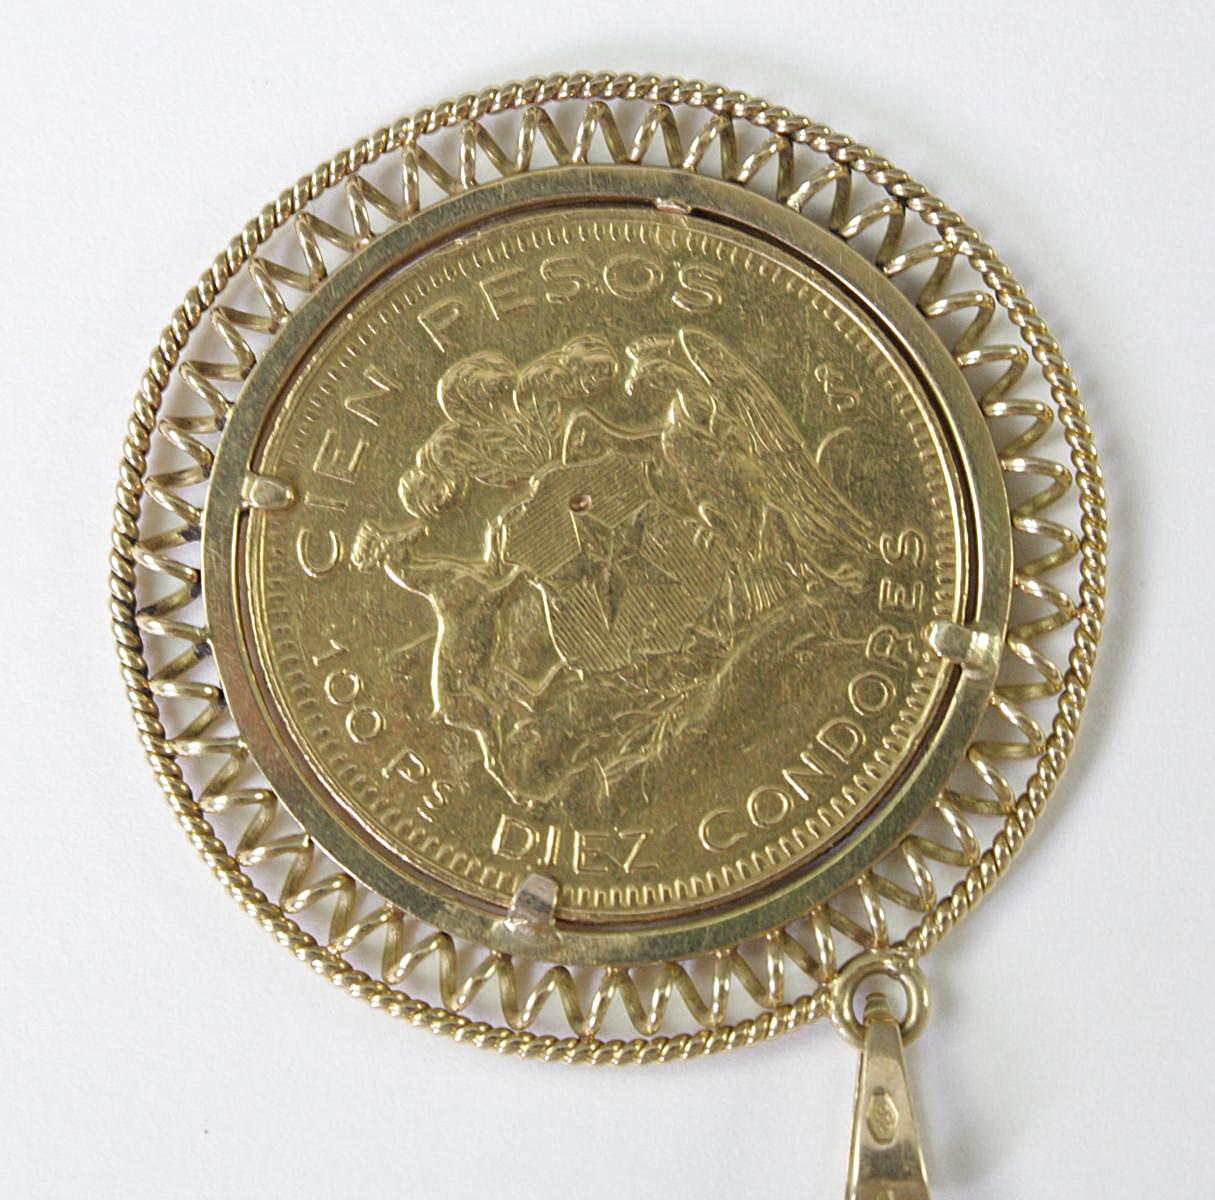 Zum Anhänger gefasste 100 Pesos Münze, Chile 1952-2